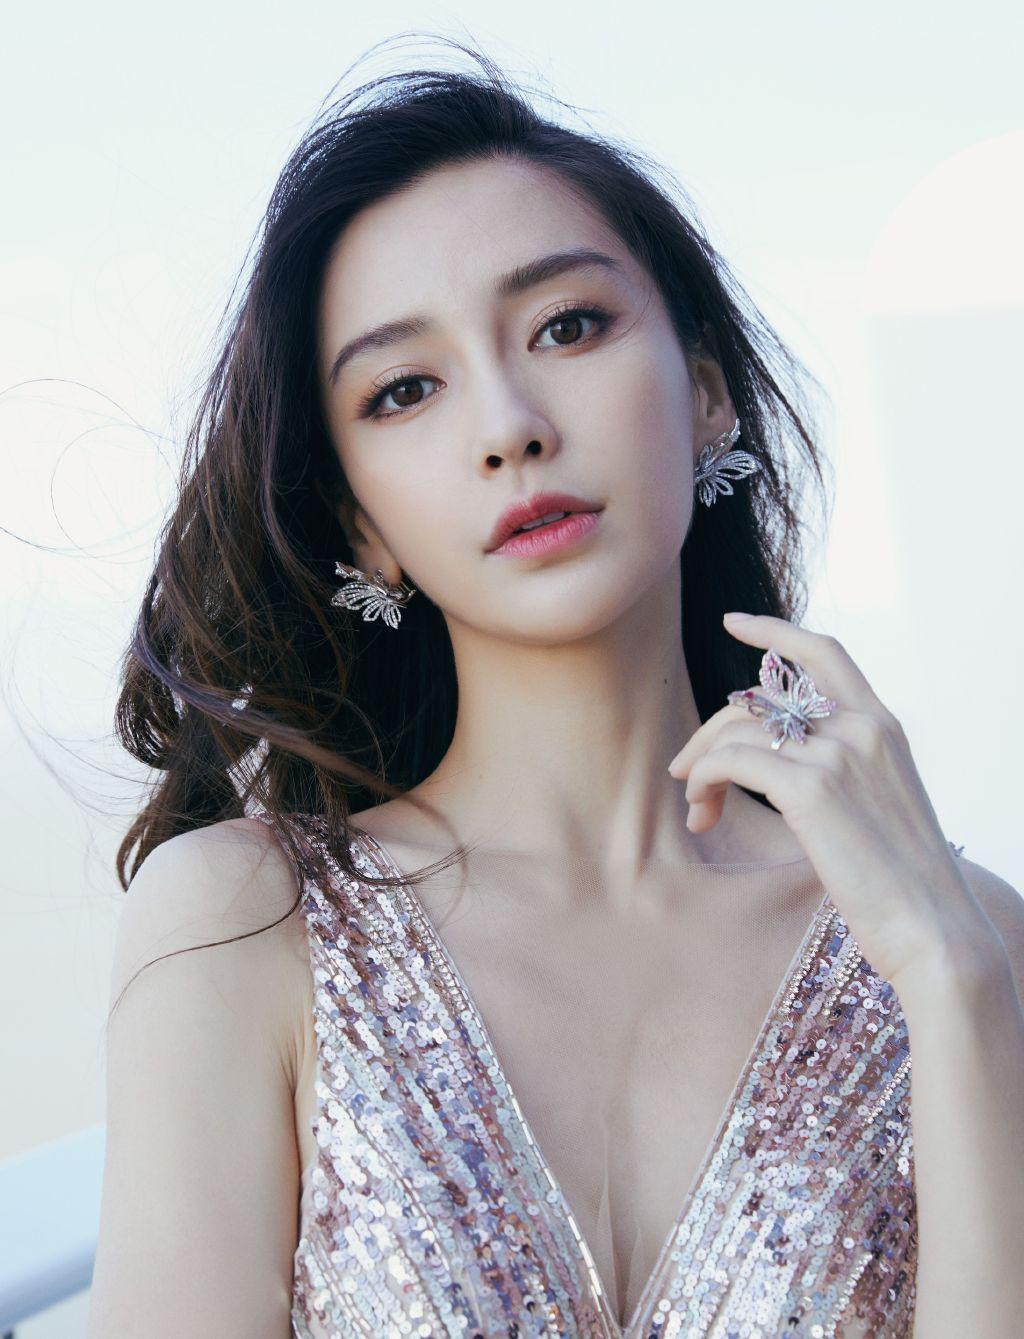 9 mỹ nhân đẹp nhất Trung Quốc do truyền thông Nhật Bản bình chọn: Phạm Băng Băng bất bại, Nhiệt Ba mất hút - Ảnh 2.